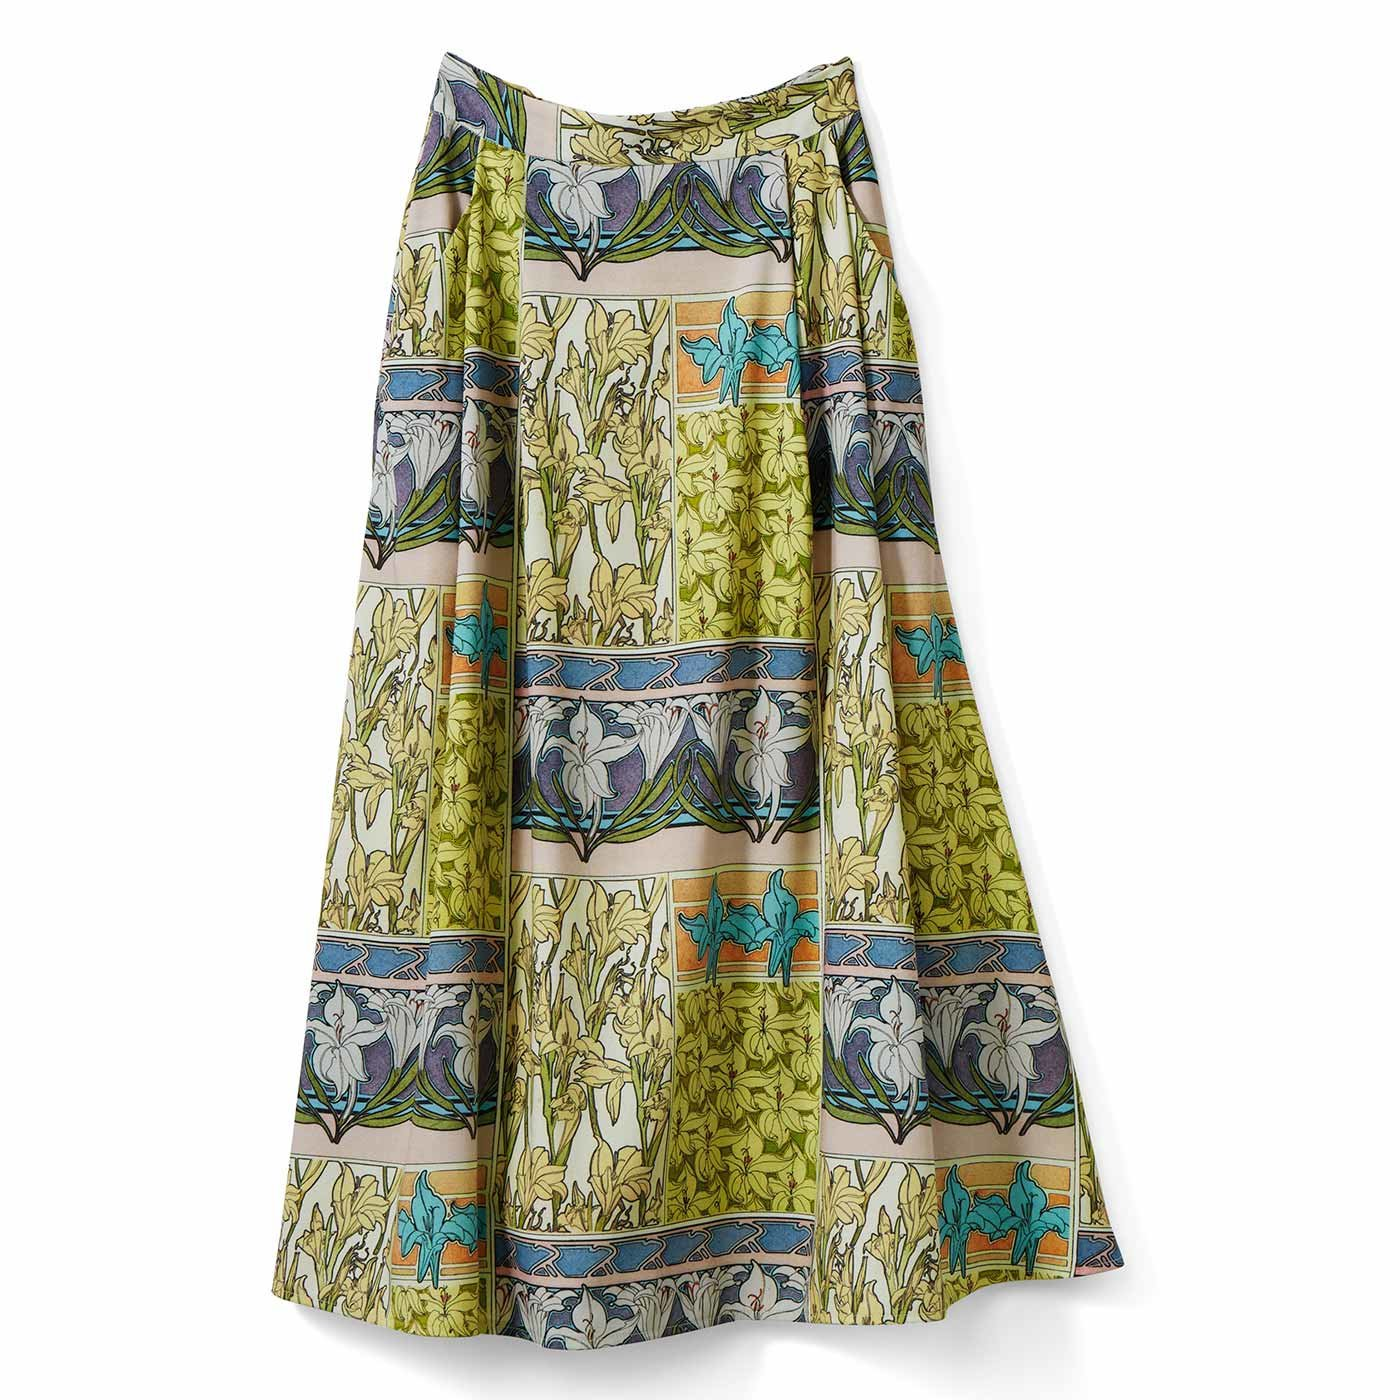 IEDIT[イディット] 優美なミュシャの図案をまとう クラッシックなプリントスカート〈ベージュ〉